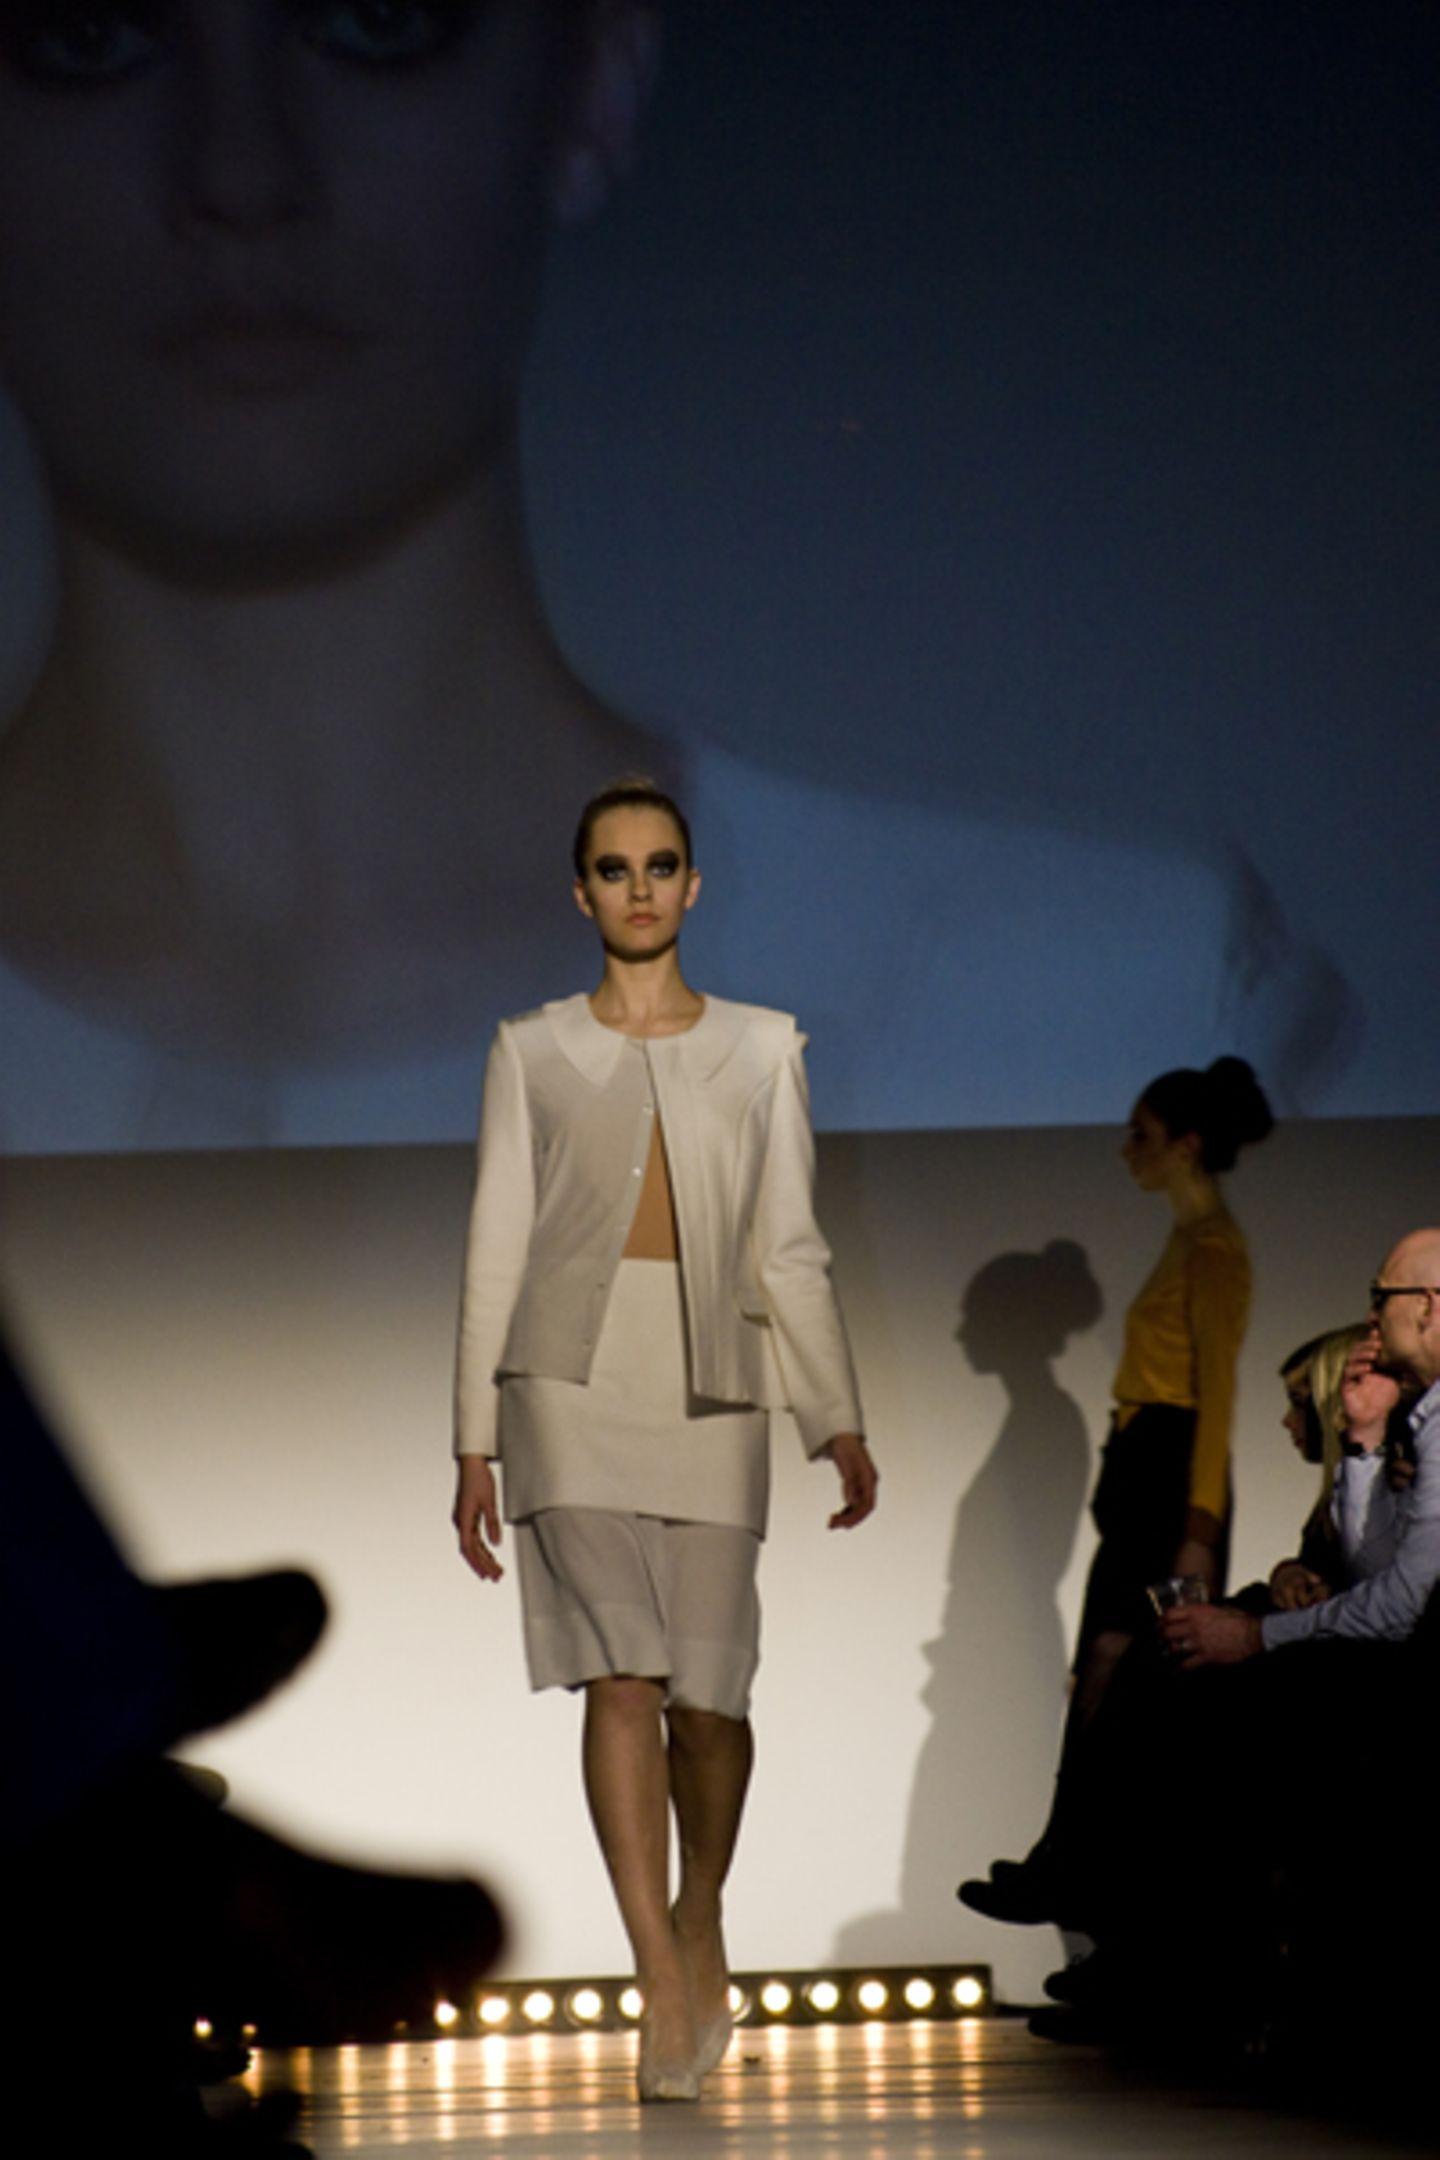 Mel Fuhl: Sein, Werden Ganz unterschiedliche Materialien wie derbe Wolle und feine Seide lässt sie gekonnt miteinander verschmelzen.